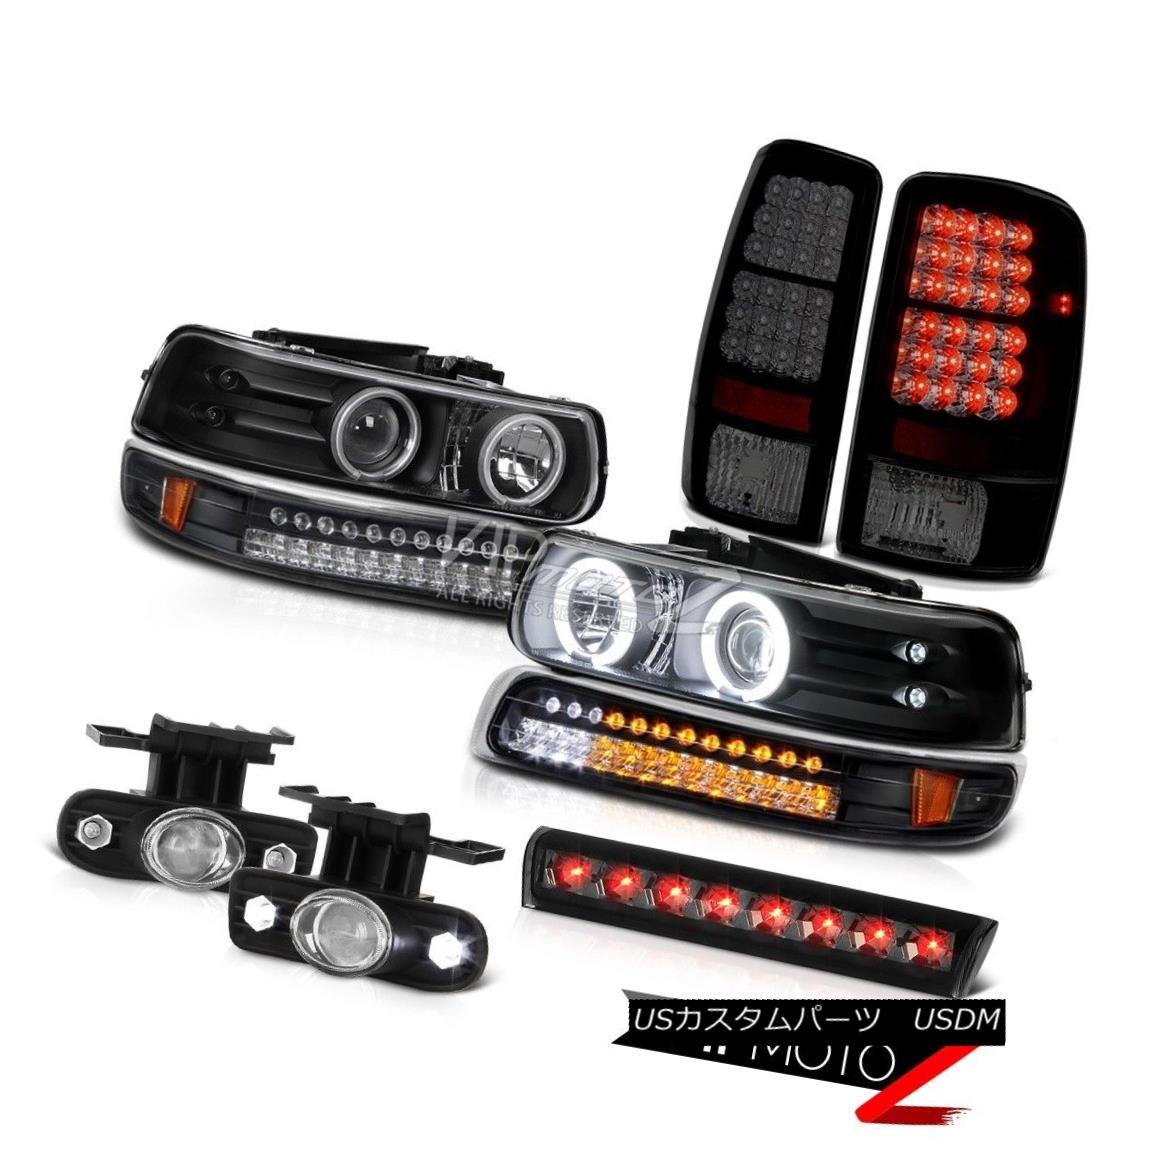 ヘッドライト 00-06 Chevy Suburban Z71 Headlights parking lamp tail lights fog roof cab Light 00-06シボレー郊外Z71ヘッドライトパーキングランプテールライトフォグルーフキャブライト